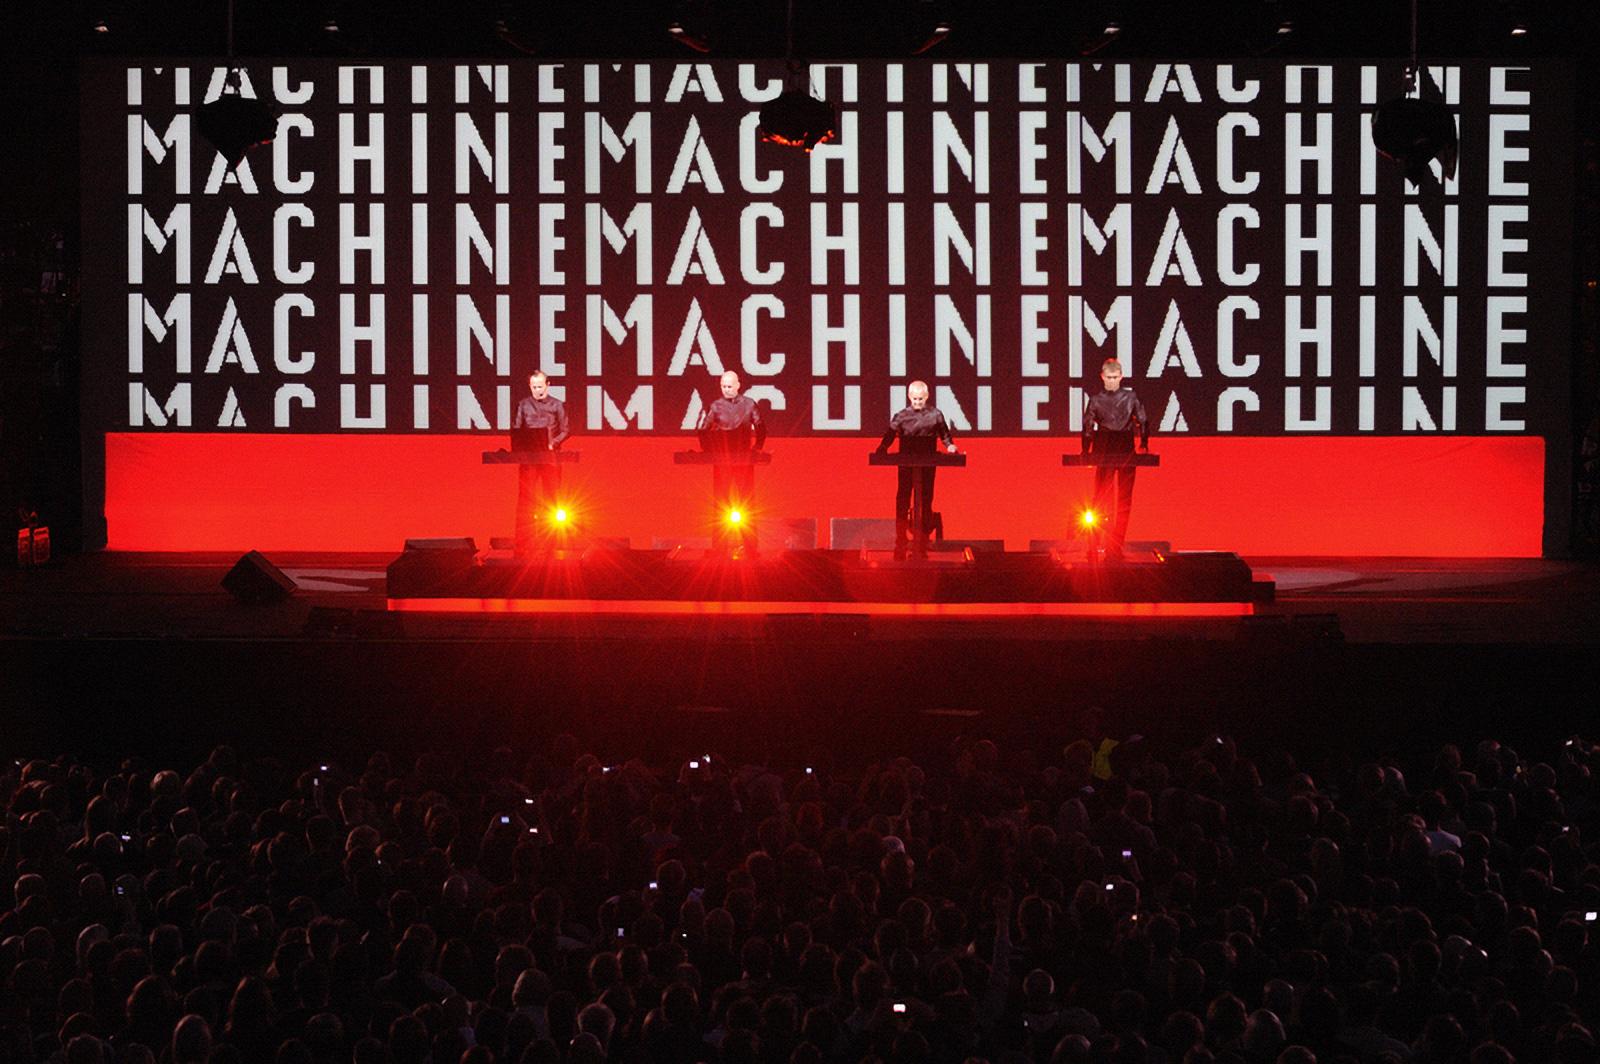 Kraftwerk performing at the opening concert of Flow Festival 2009